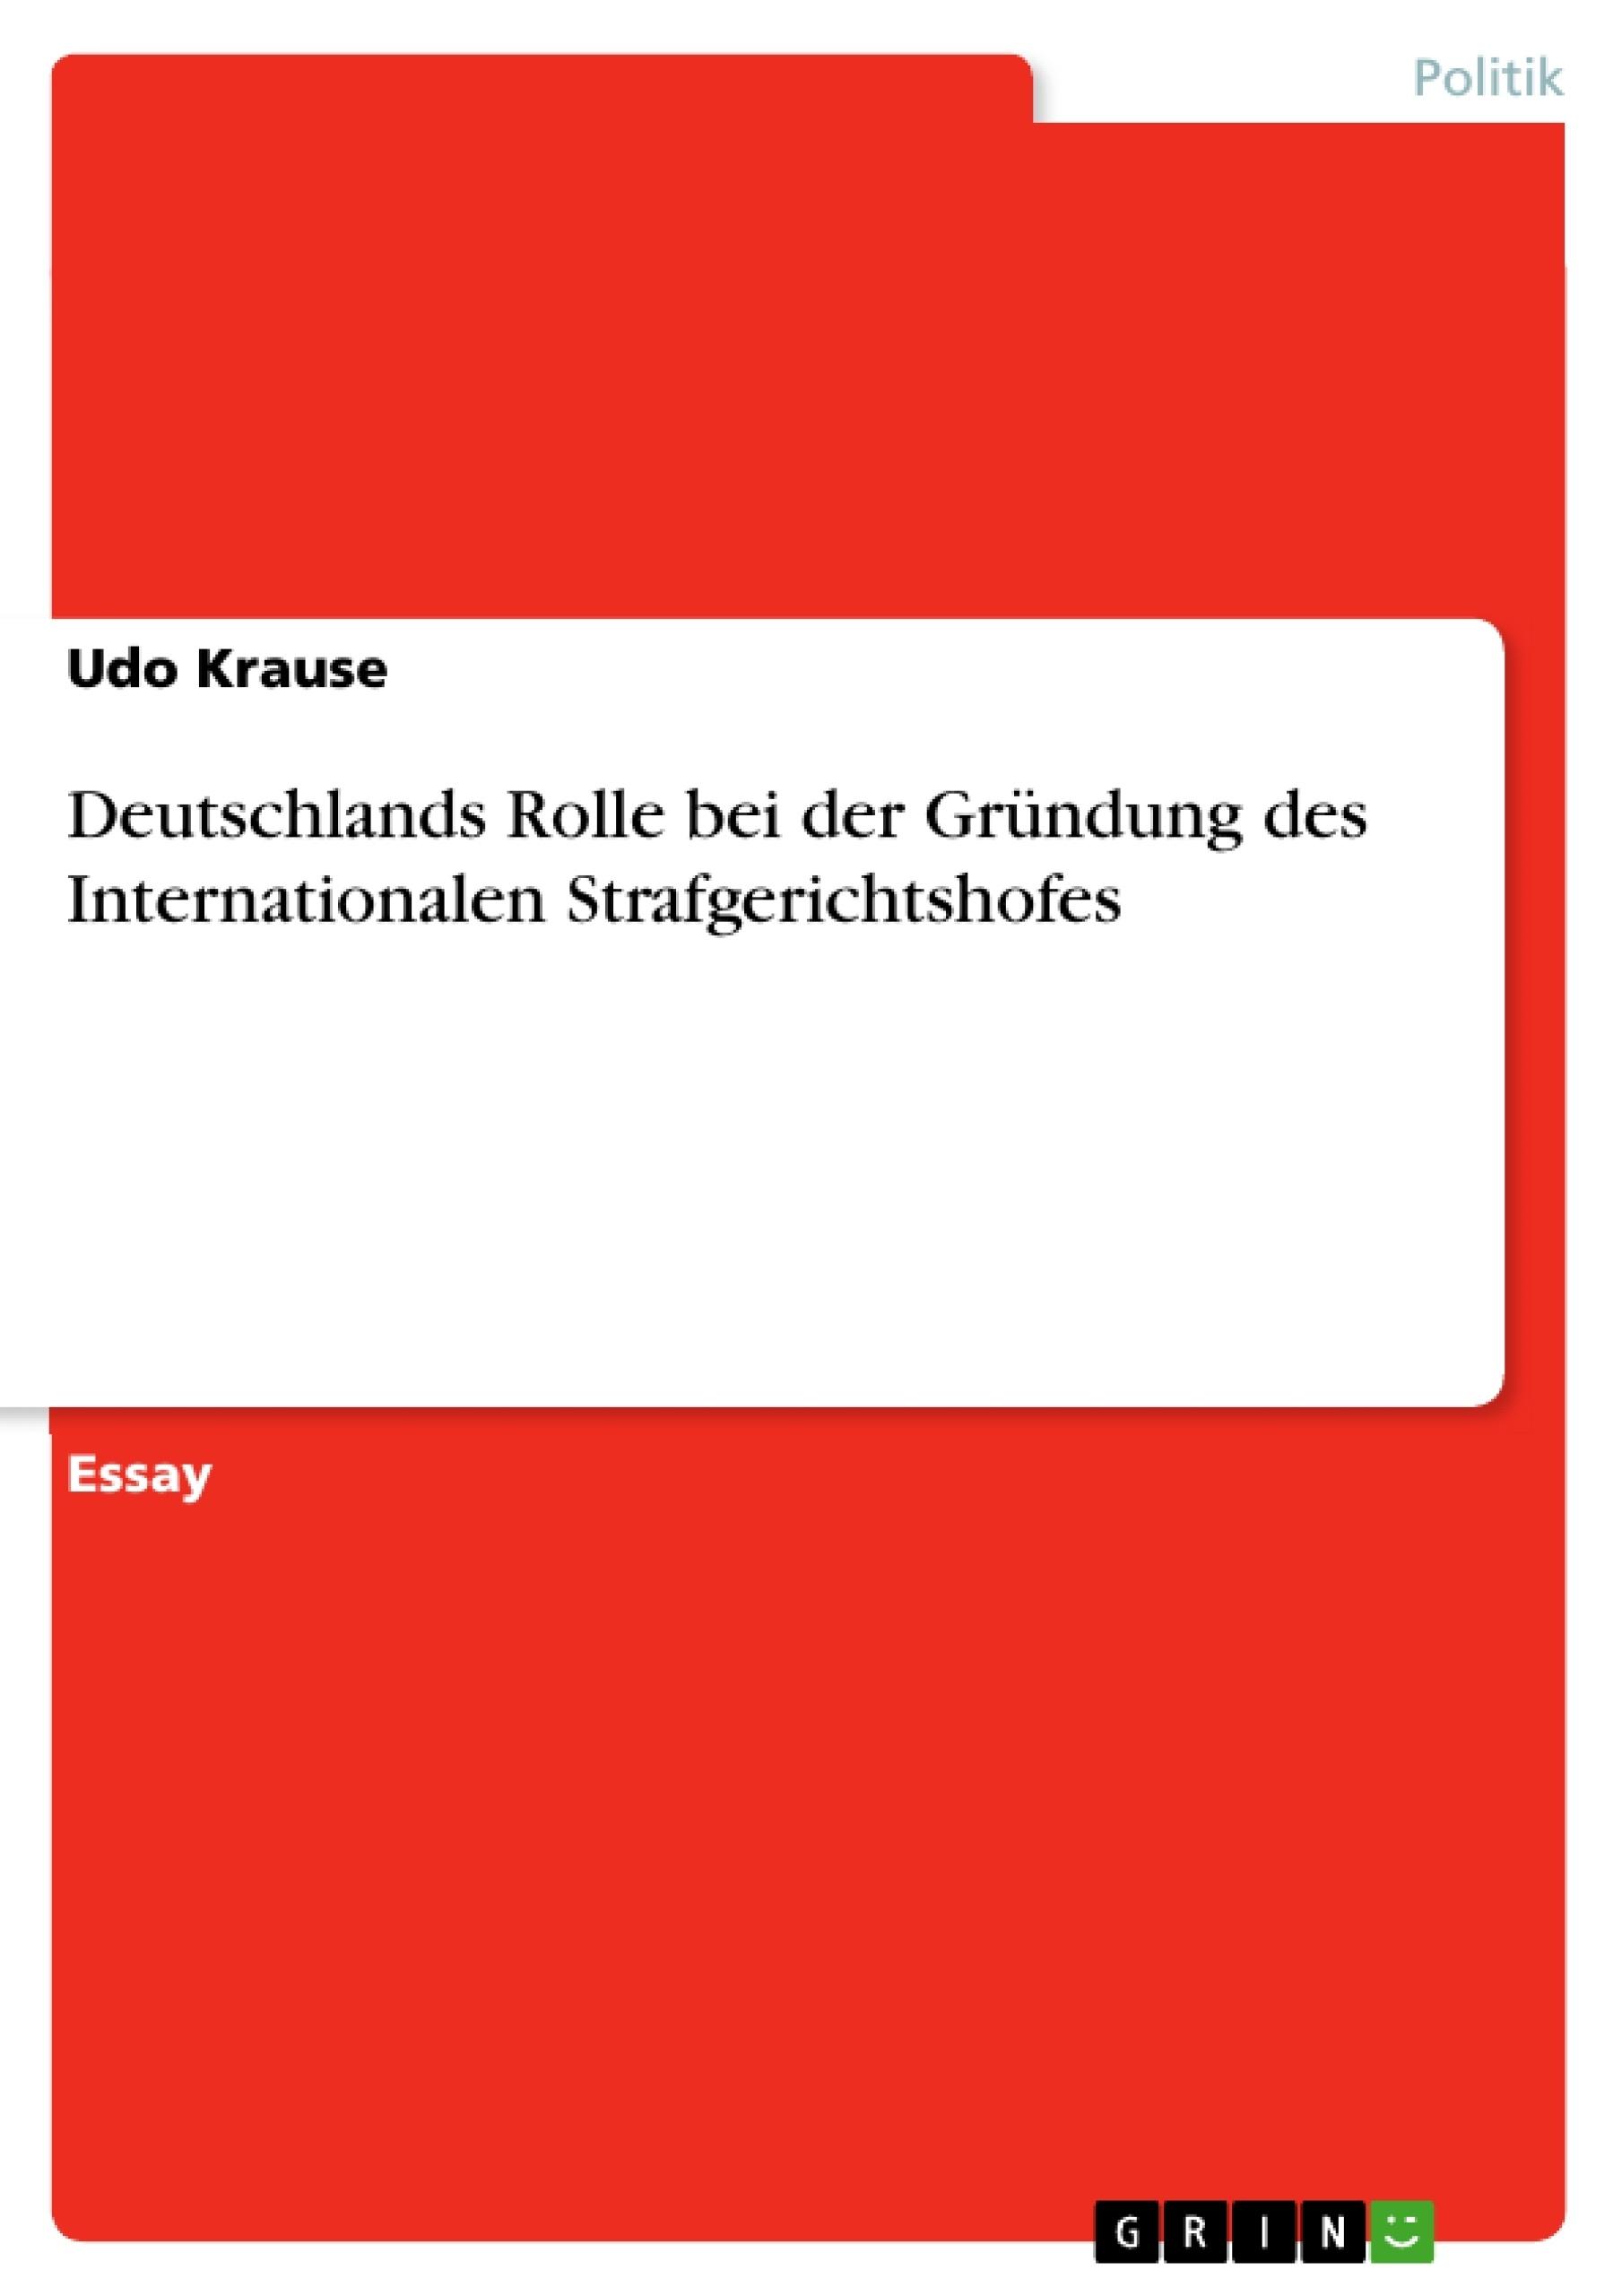 Titel: Deutschlands Rolle bei der Gründung des Internationalen Strafgerichtshofes